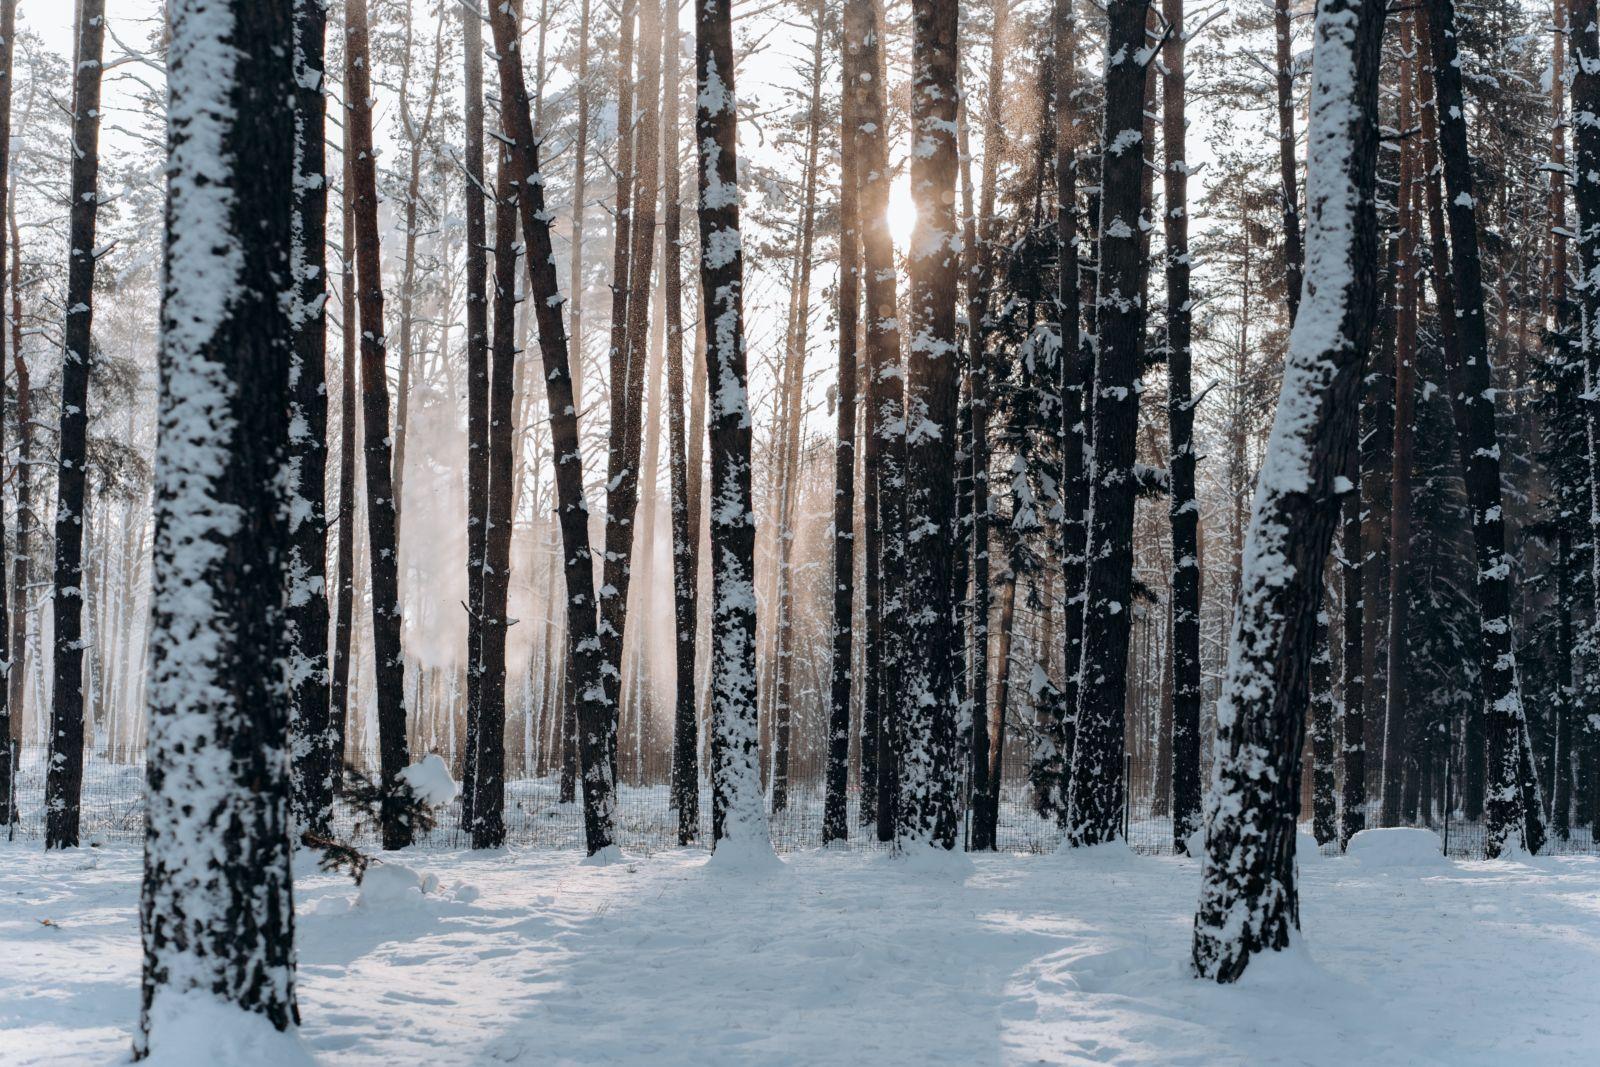 Aurinko pilkistää lumisen metsän puiden välistä.